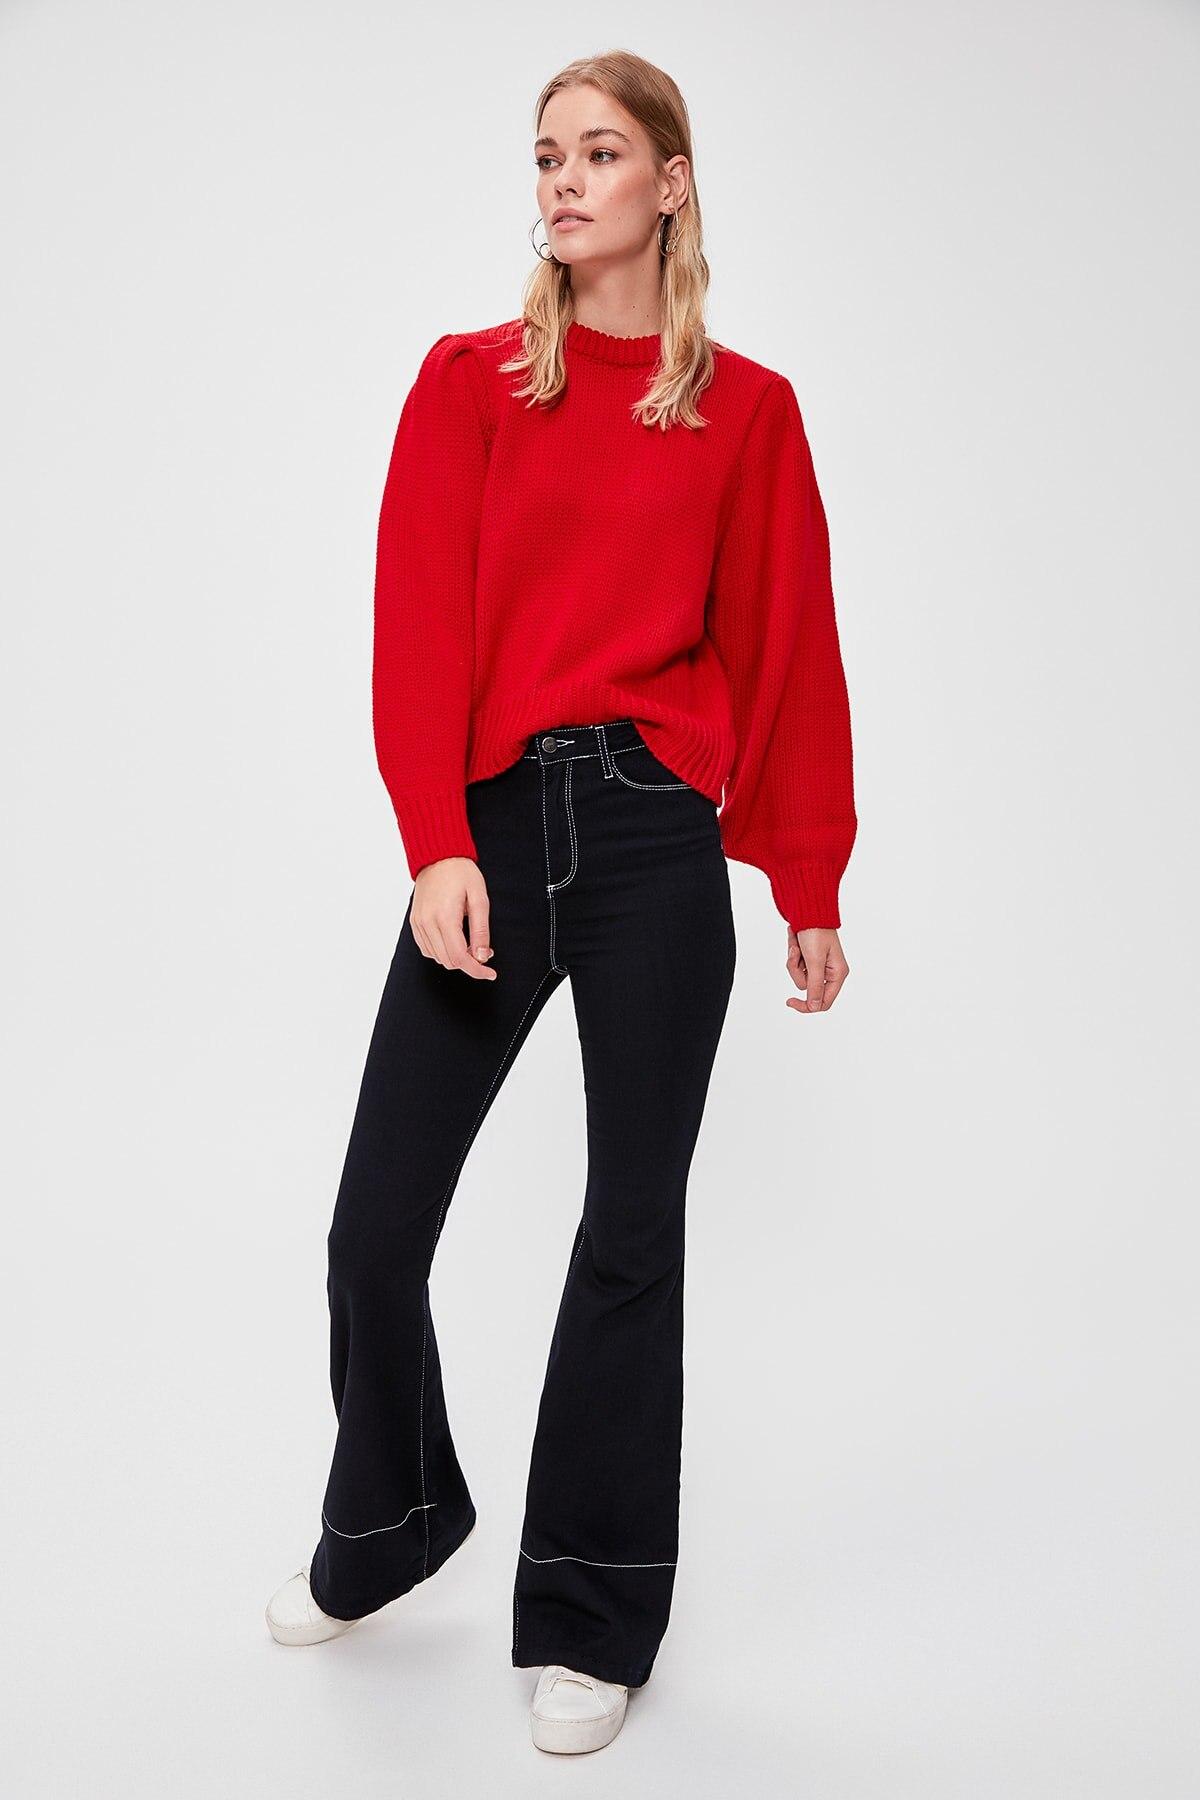 Trendyol WOMEN-Red Handle Piliseli Knitwear Sweater TWOAW20ZA0022